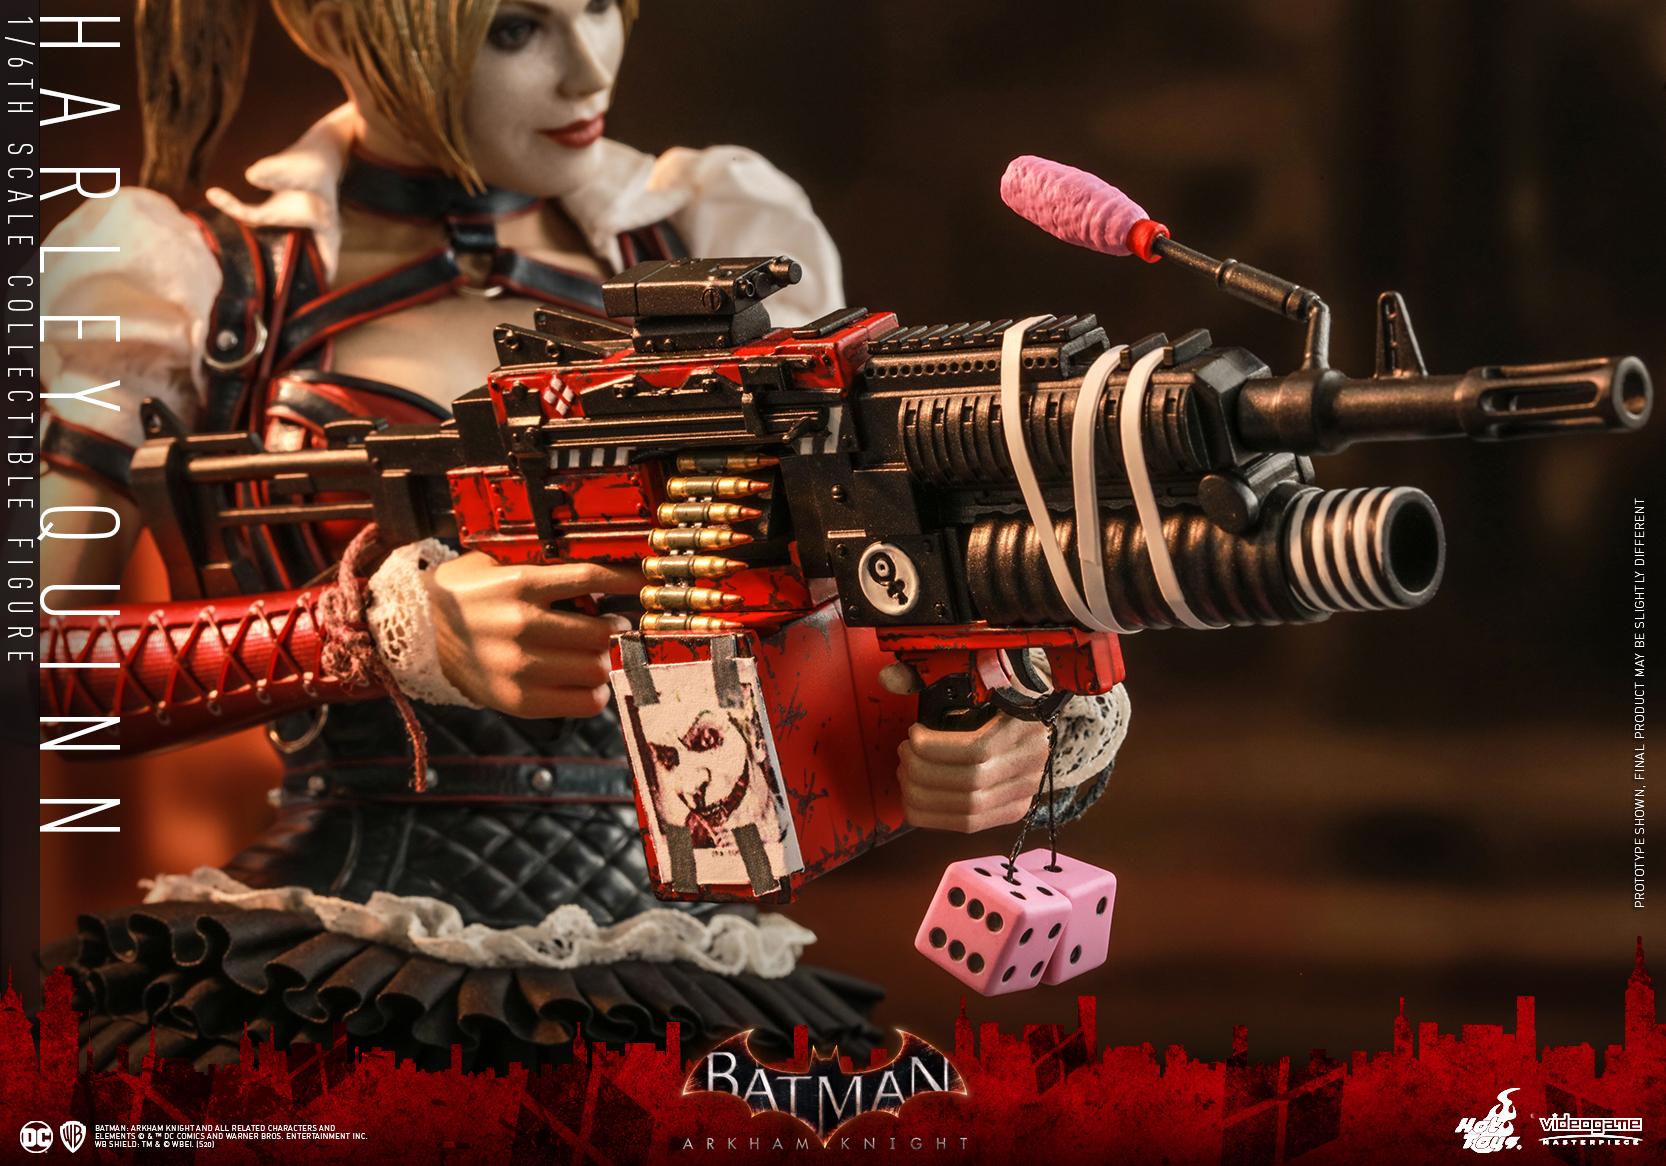 Hot Toys - Batman Arkham Knight - Harley Quinn - PR9